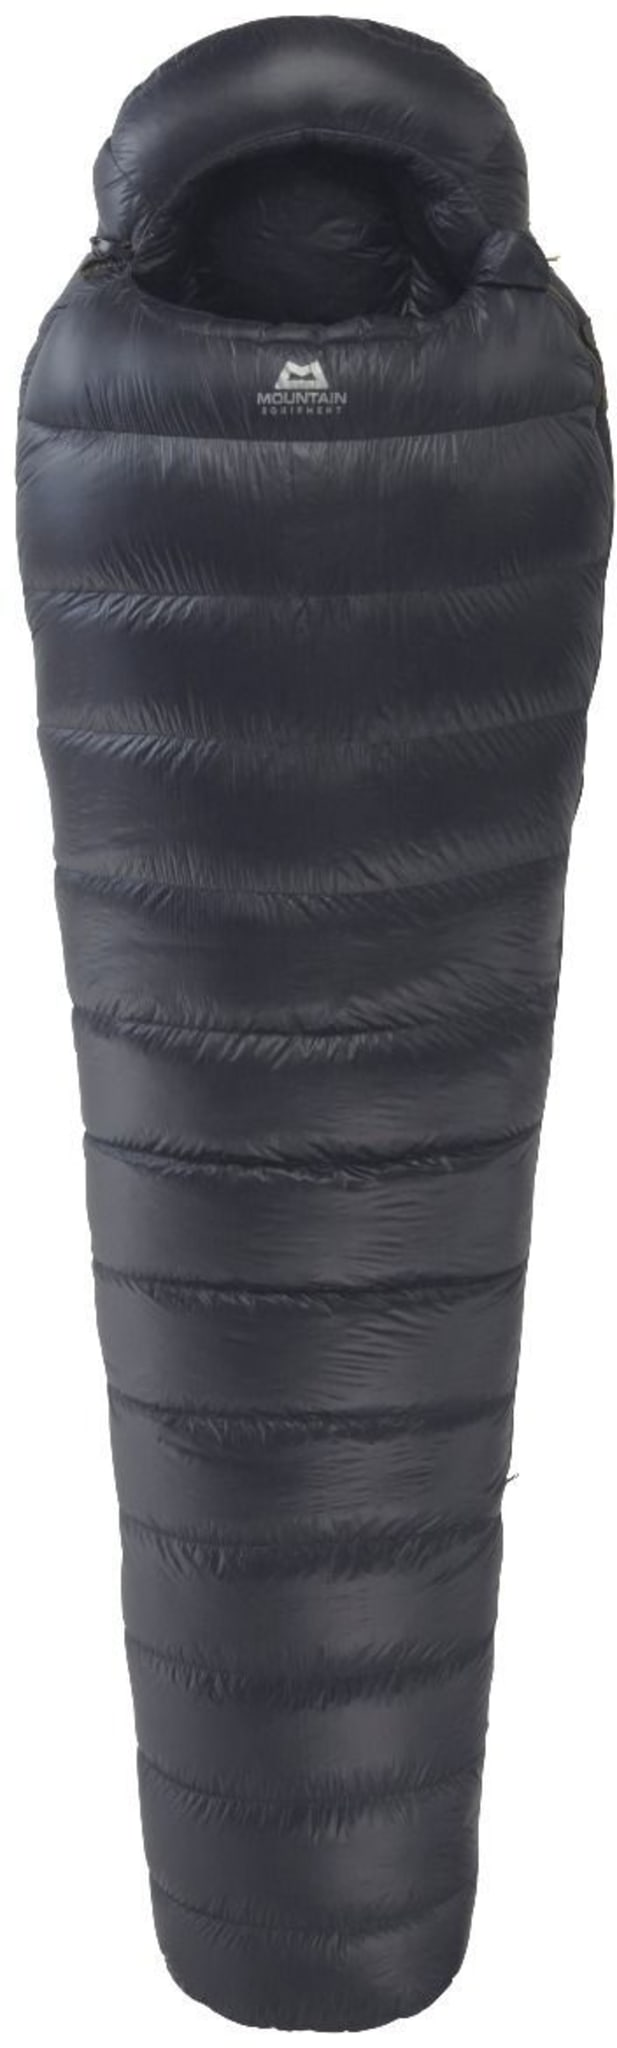 Svært lett dunpose med stort bruksområde